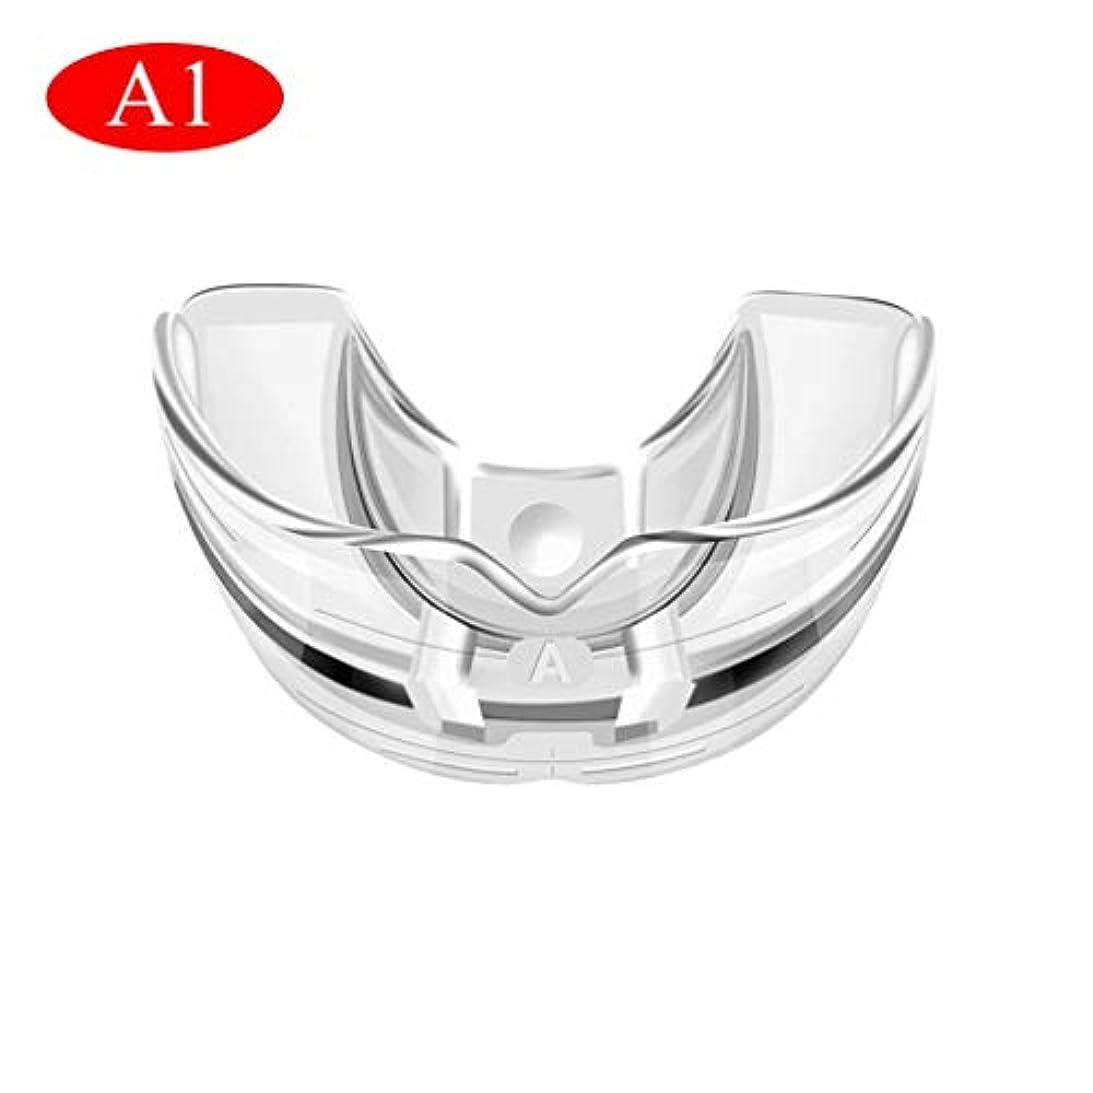 パステル情熱的無効歯列矯正器具、歯の状態に応じた3段階/透明で柔らかい、そして硬い歯科用マウスガード歯列矯正器具(透明)